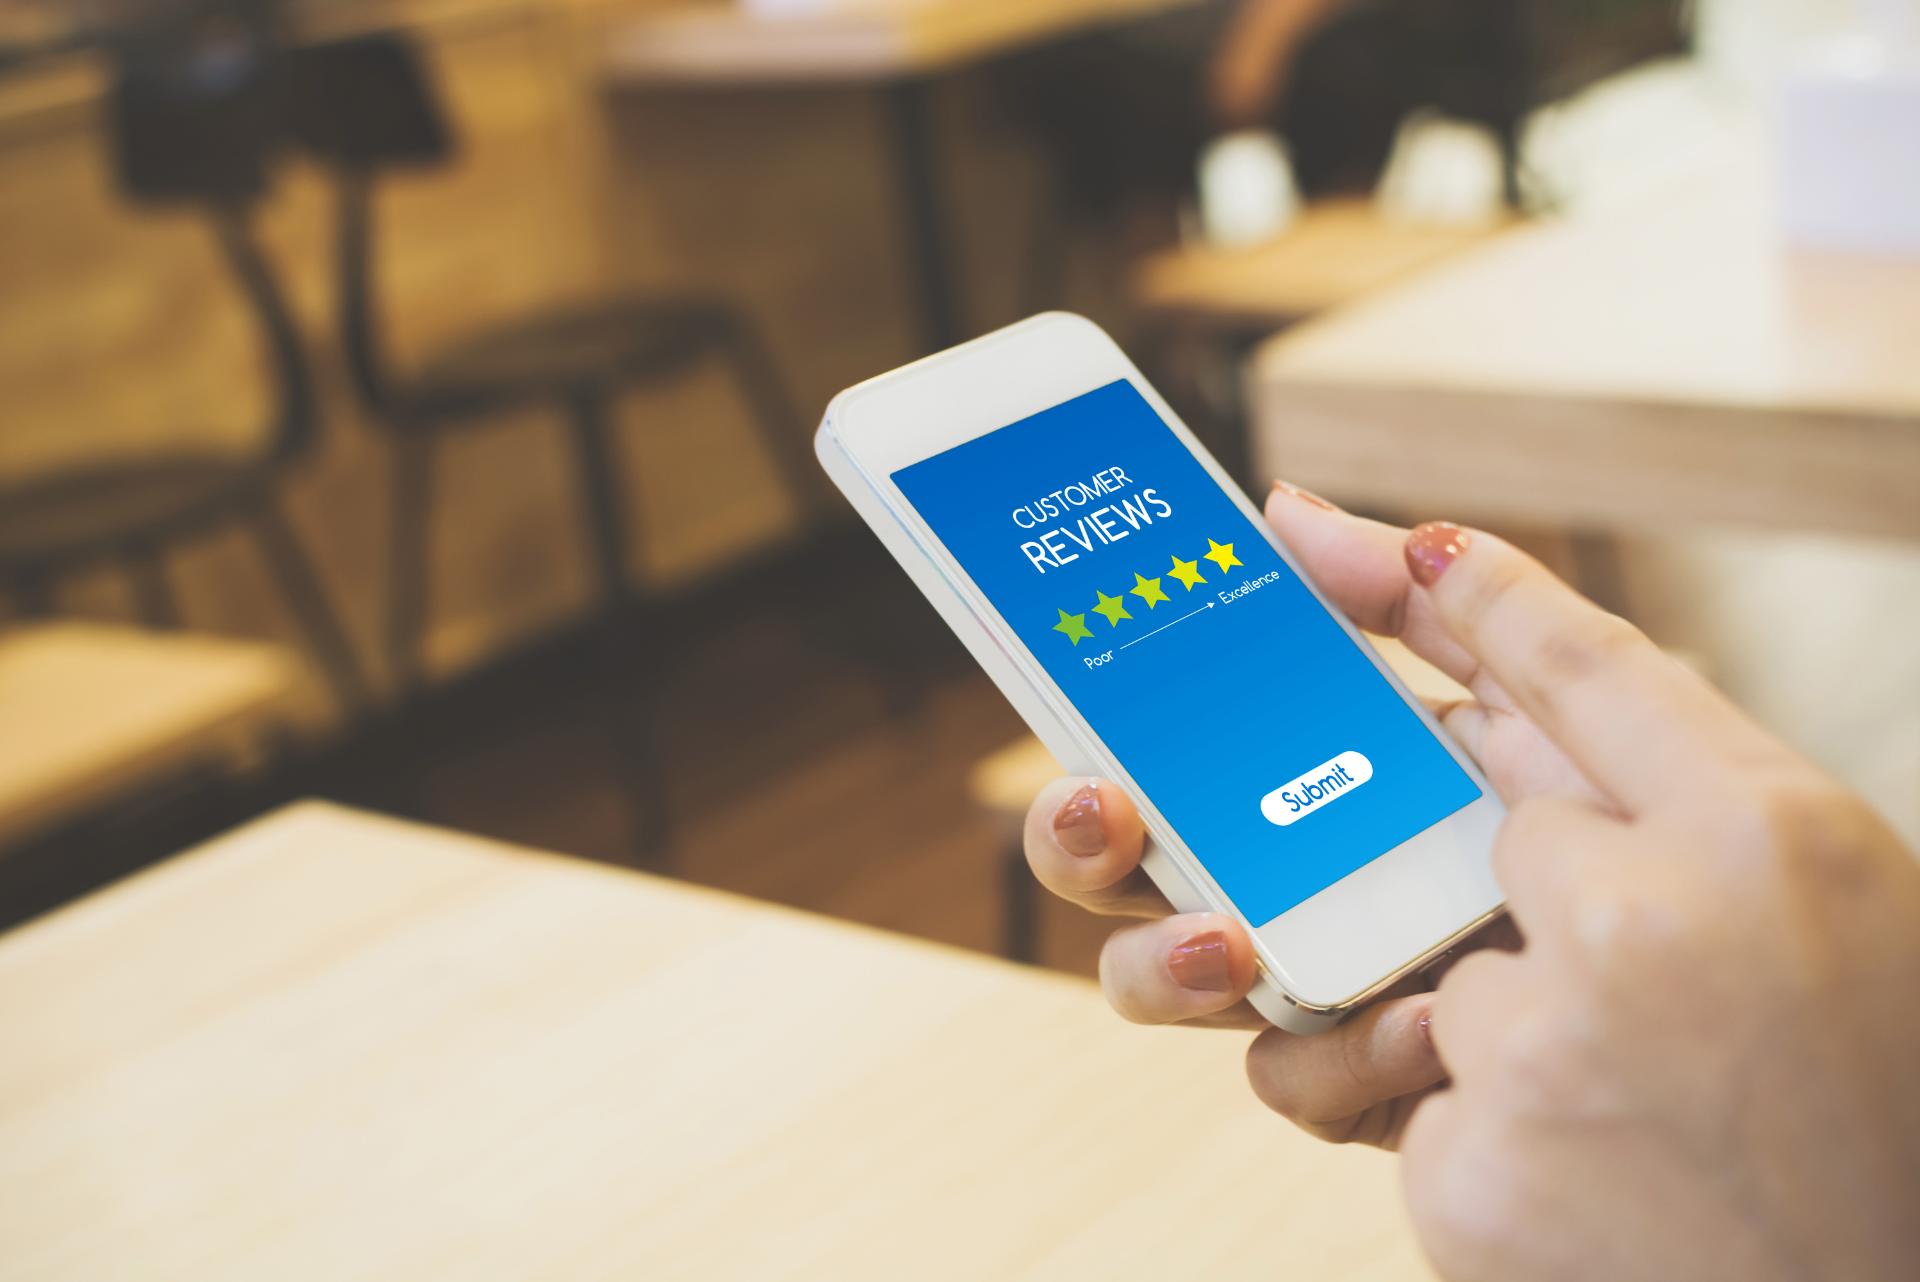 customer insight reporting analysis